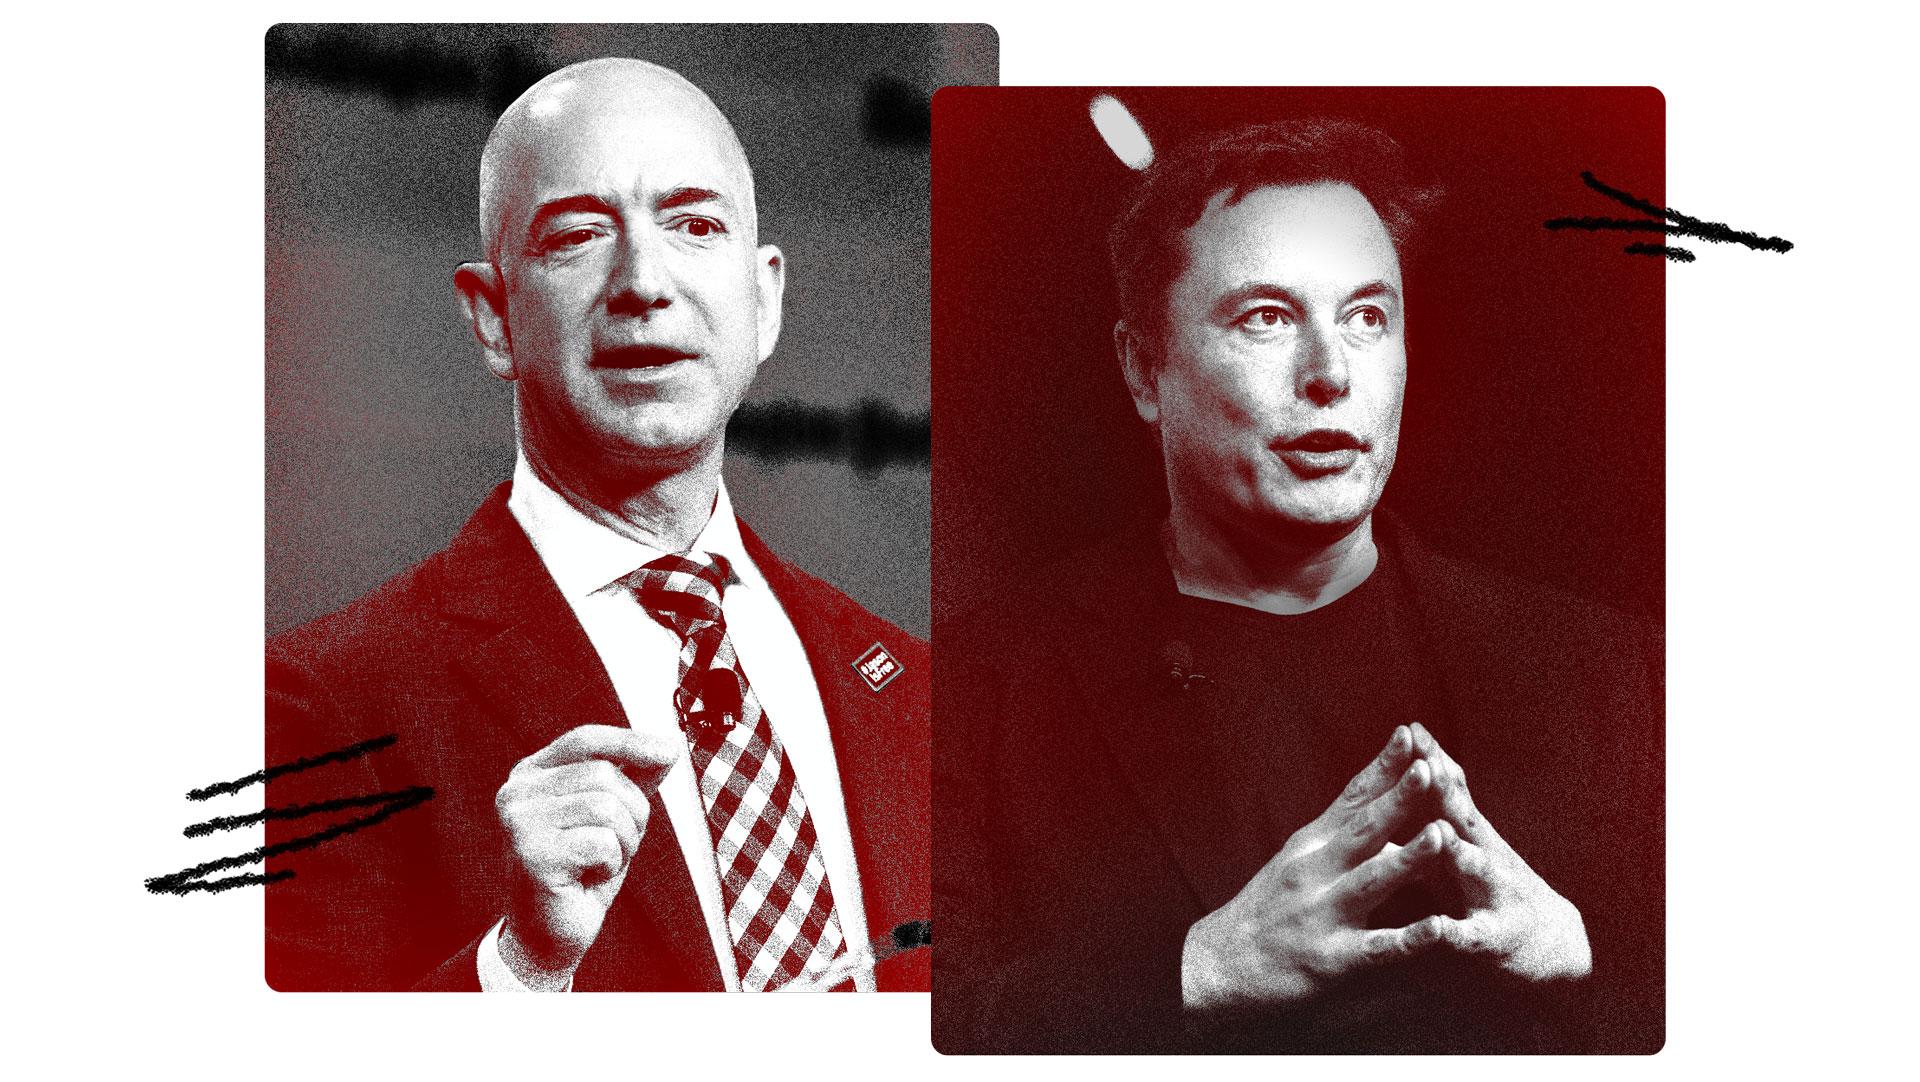 Theo bảng xếp hạng của Forbes, Jeff Bezos (trái) và Elon Musk (phải) là hai tỷ phú giàu nhất nhưng ít làm từ thiện nhất. Ảnh: Vanityfair